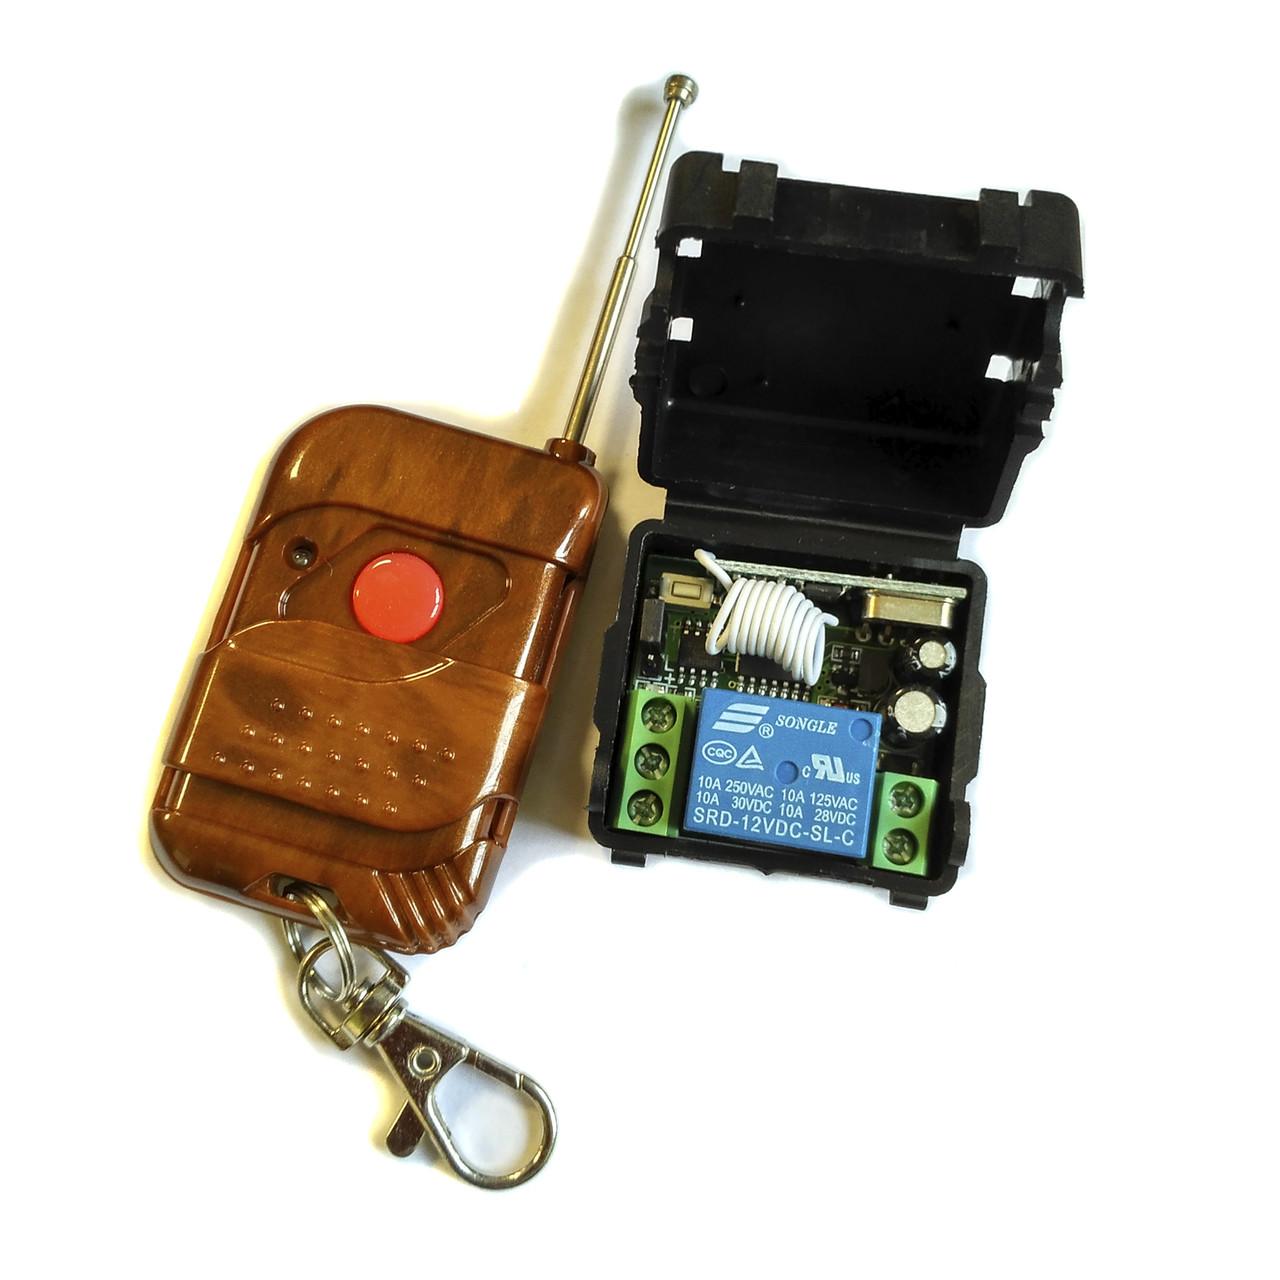 1-канальное беспроводное реле 12В + пульт для автоматизации